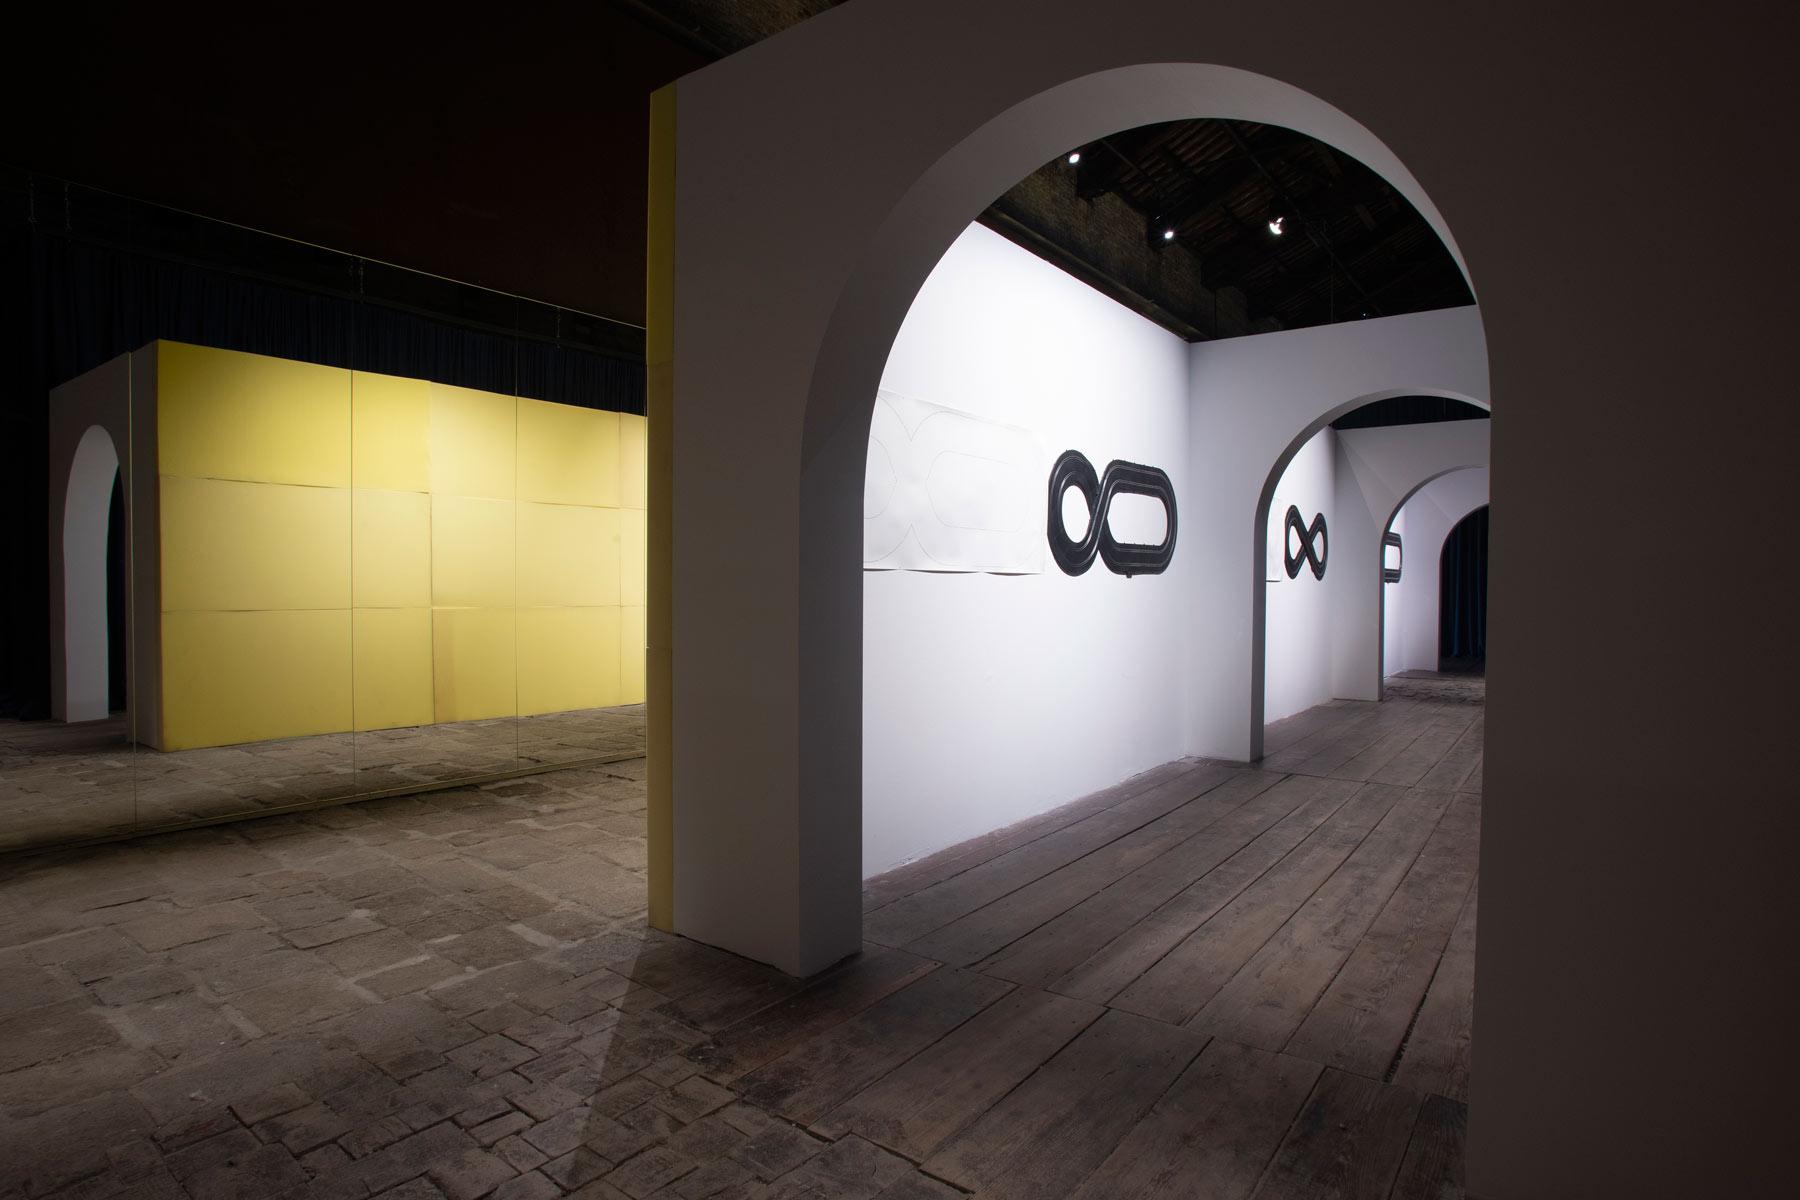 Immagine dalla mostra Né altra né questa. La sfida al labirinto. Ph. Credit Italo Rondinella